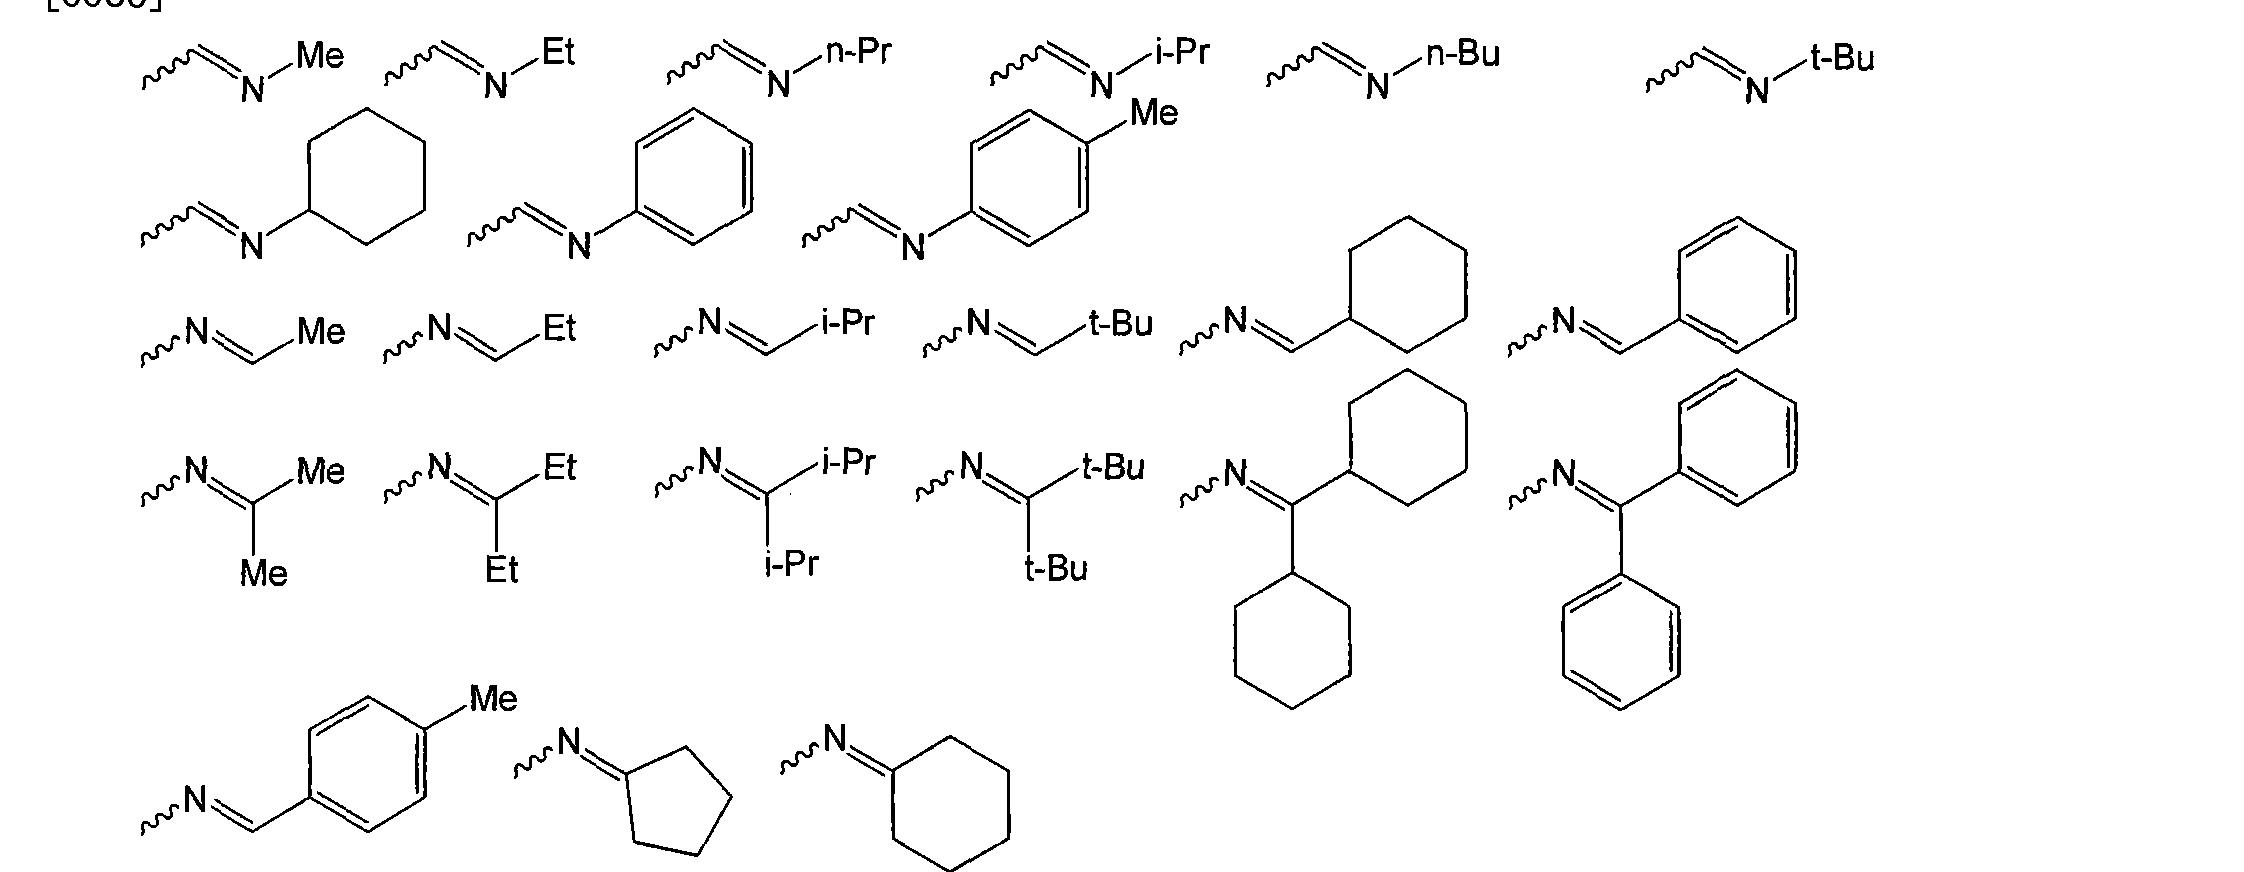 [0195] 优选的是,作为电荷输送材料的低分子有机化合物或高分子有机化合物应当具有最低三重态激发能(TH),所述最低三重态激发能(TH)与金属配合物的最低三重态激发能(TM)满足关系: [0196] TH > -0.2 (eV)。 [0197]当将高分子有机化合物用作电荷输送材料时,基于聚苯乙烯标准,该高分子有机化合物的数均分子量优选为IO3至108,更优选为IO4至106。而且,基于聚苯乙烯标准,该聚合物的重均分子量优选为IO3至108,更优选为5 X IO4至5X 106。 [0198]